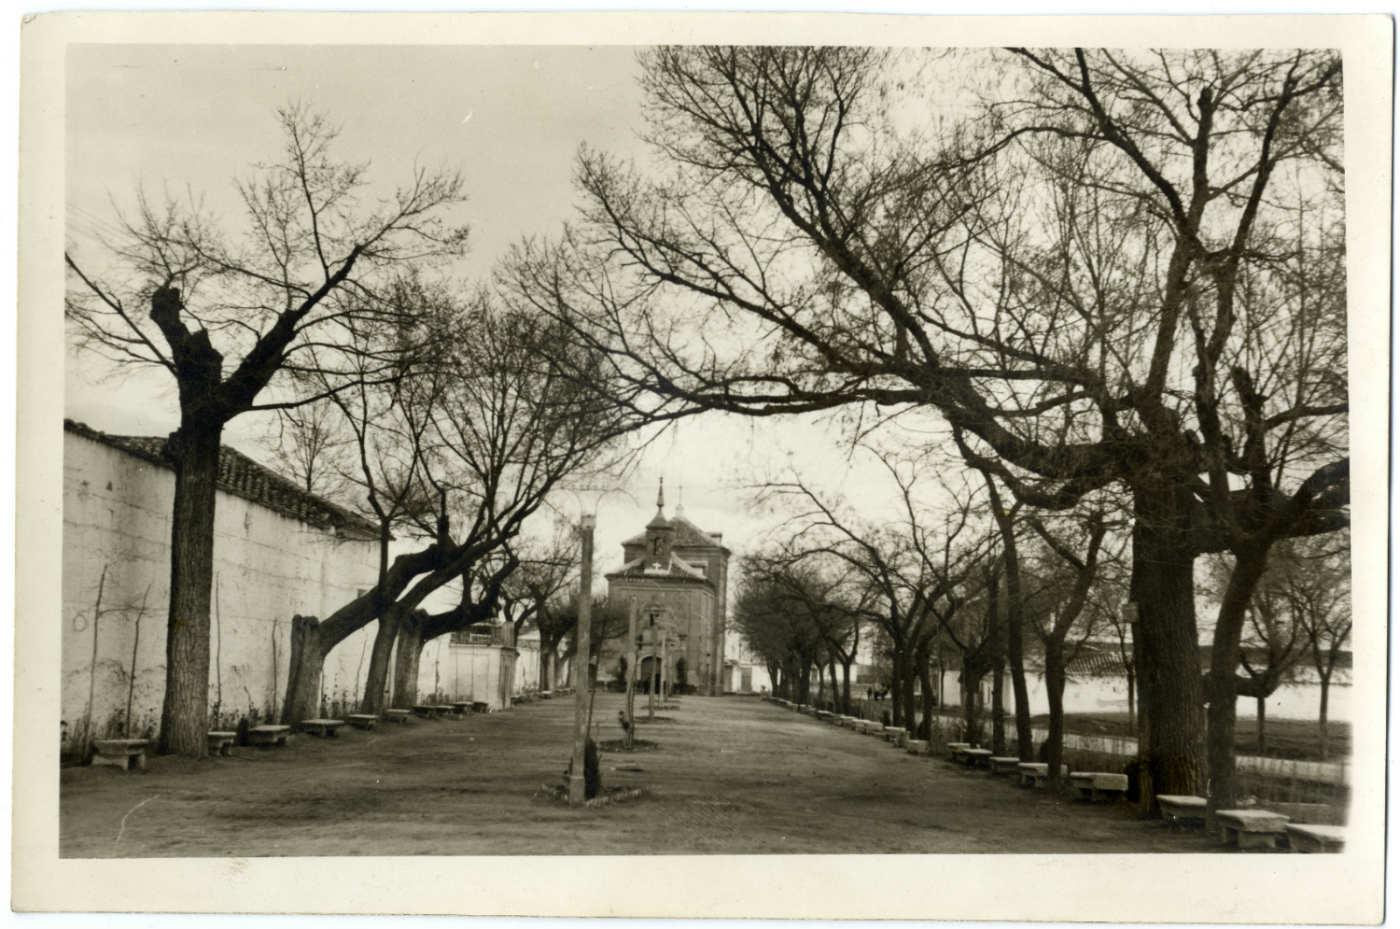 Madridejos. Paseo y ermita del Cristo. 1959 (P-2654)